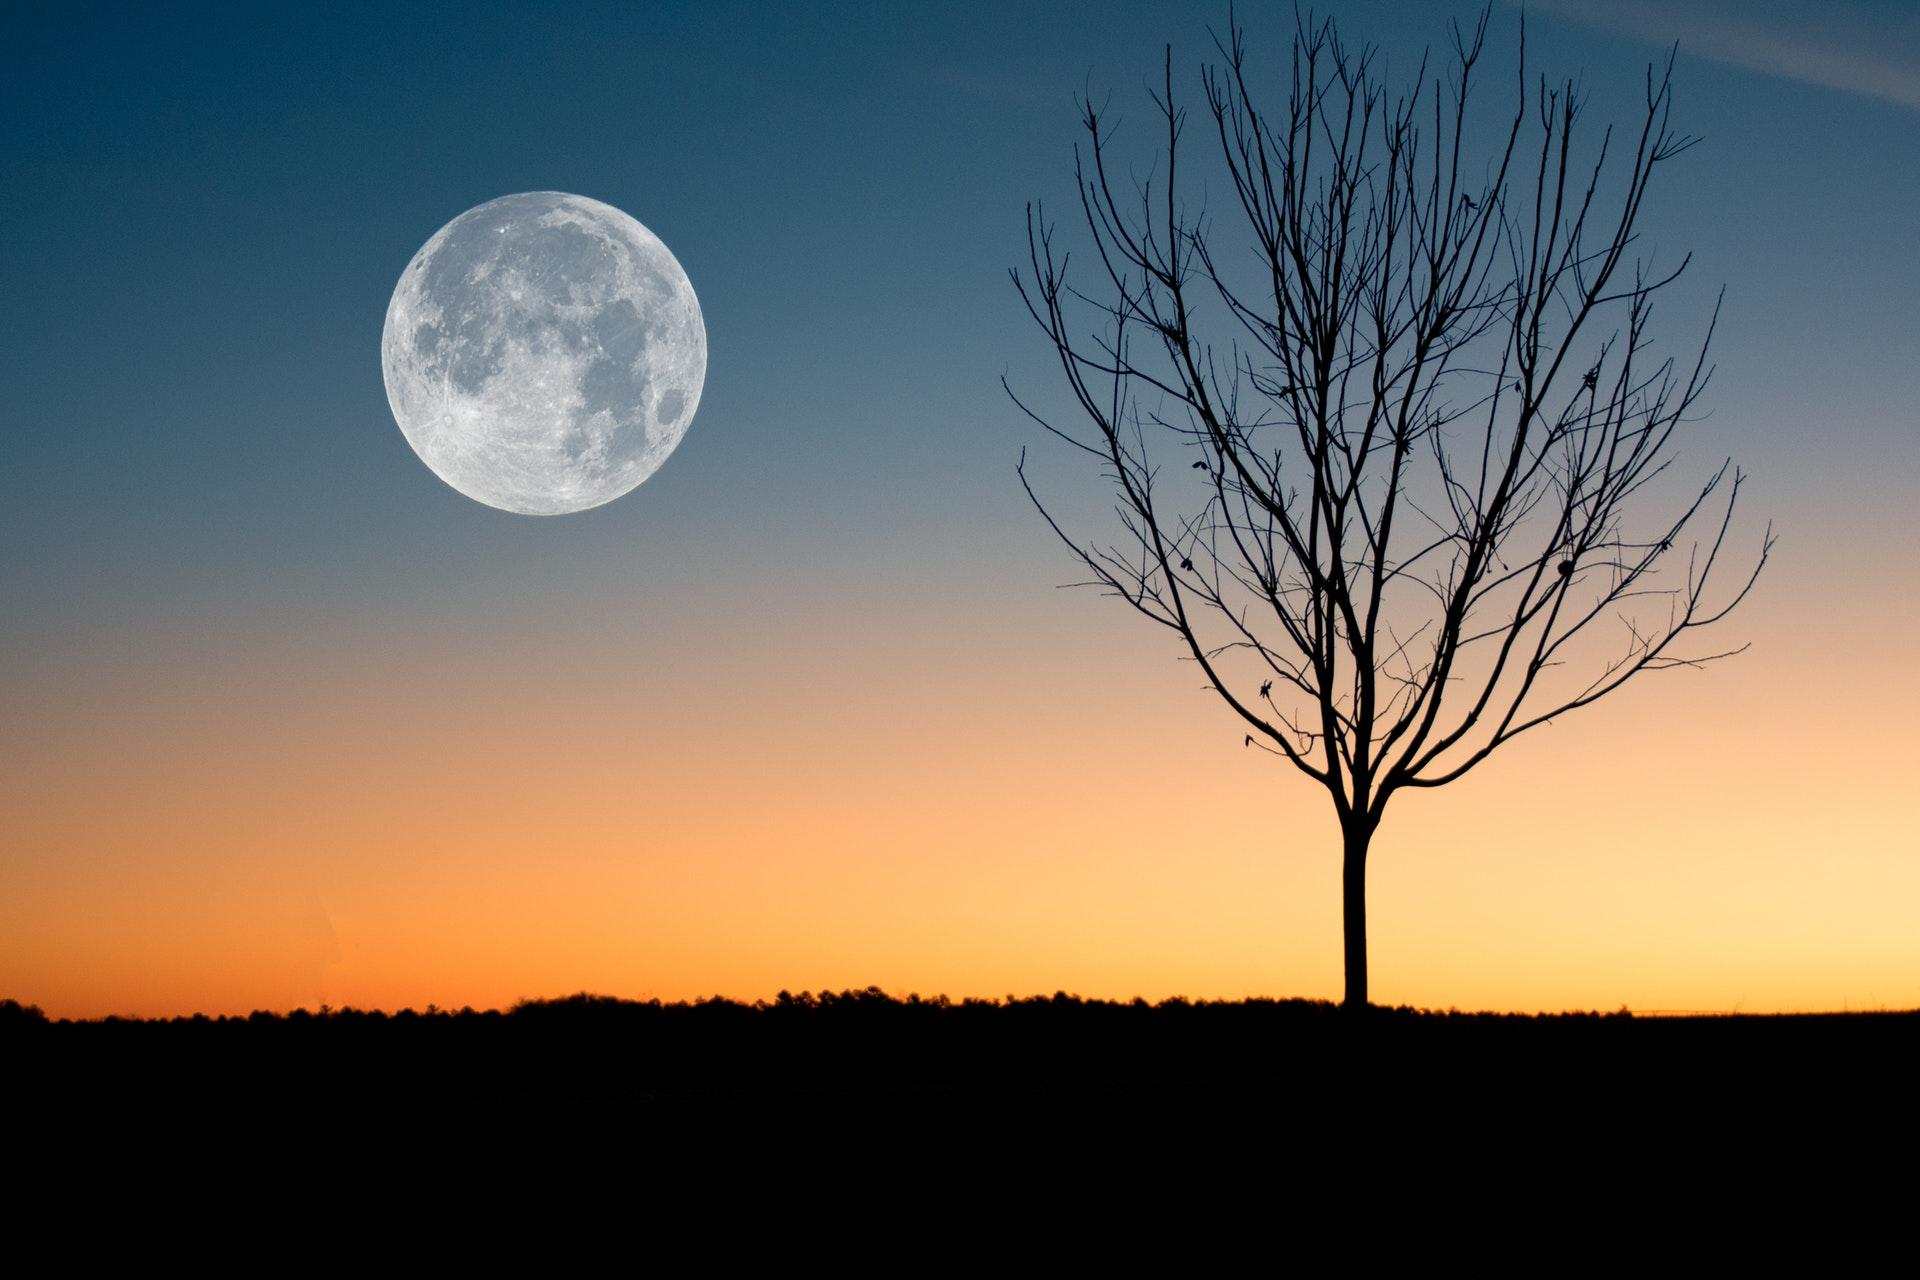 Aspettando Pasqua tra equinozio e superluna